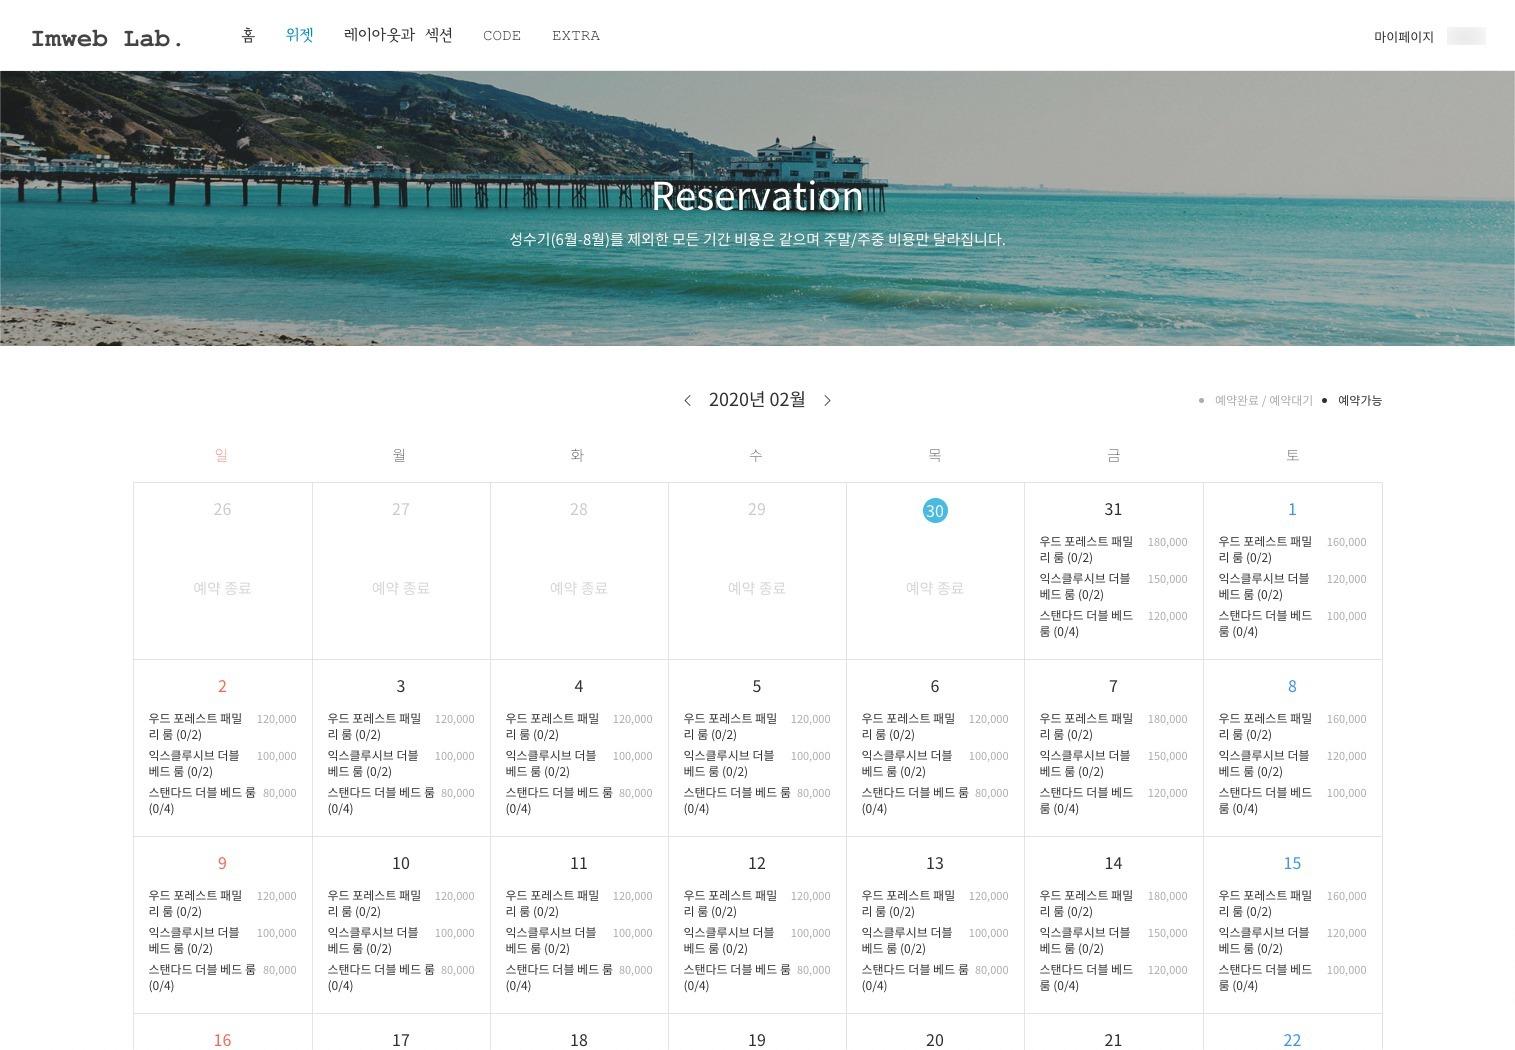 아임웹 예약 사이트 샘플